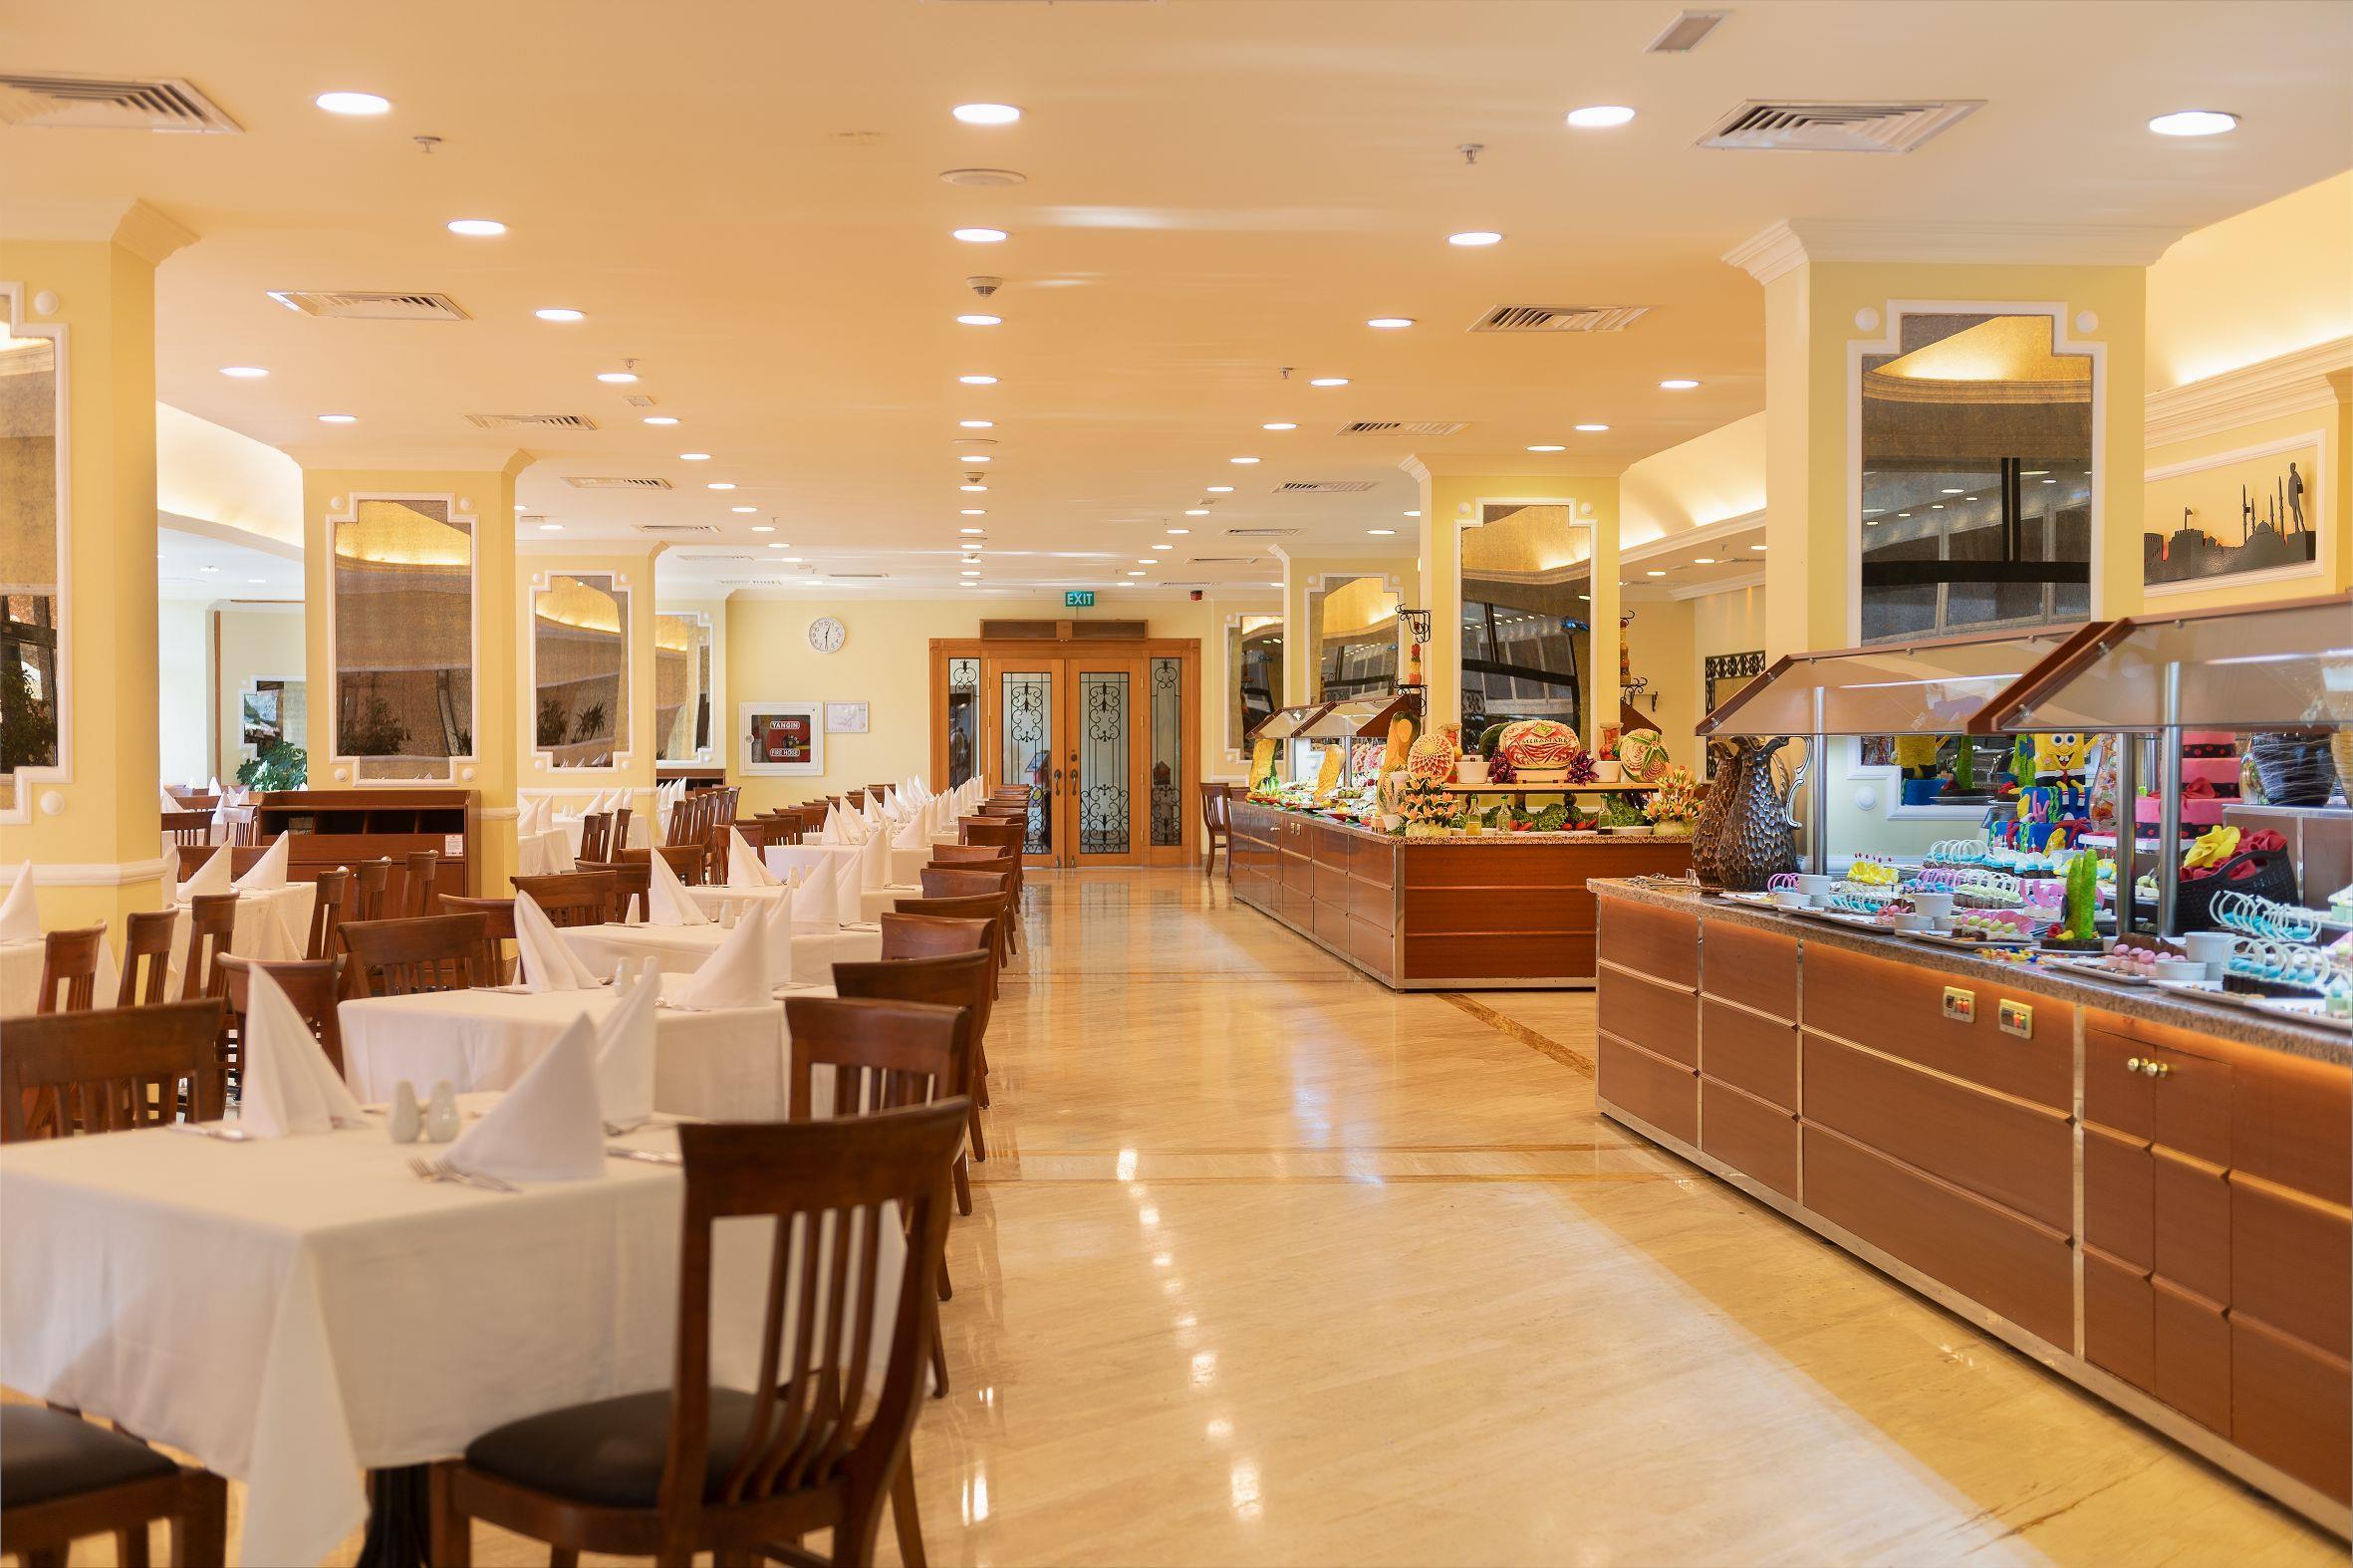 http://www.orextravel.sk/OREX/hotelphotos/miramare-queen-hotel-general-0079.jpg